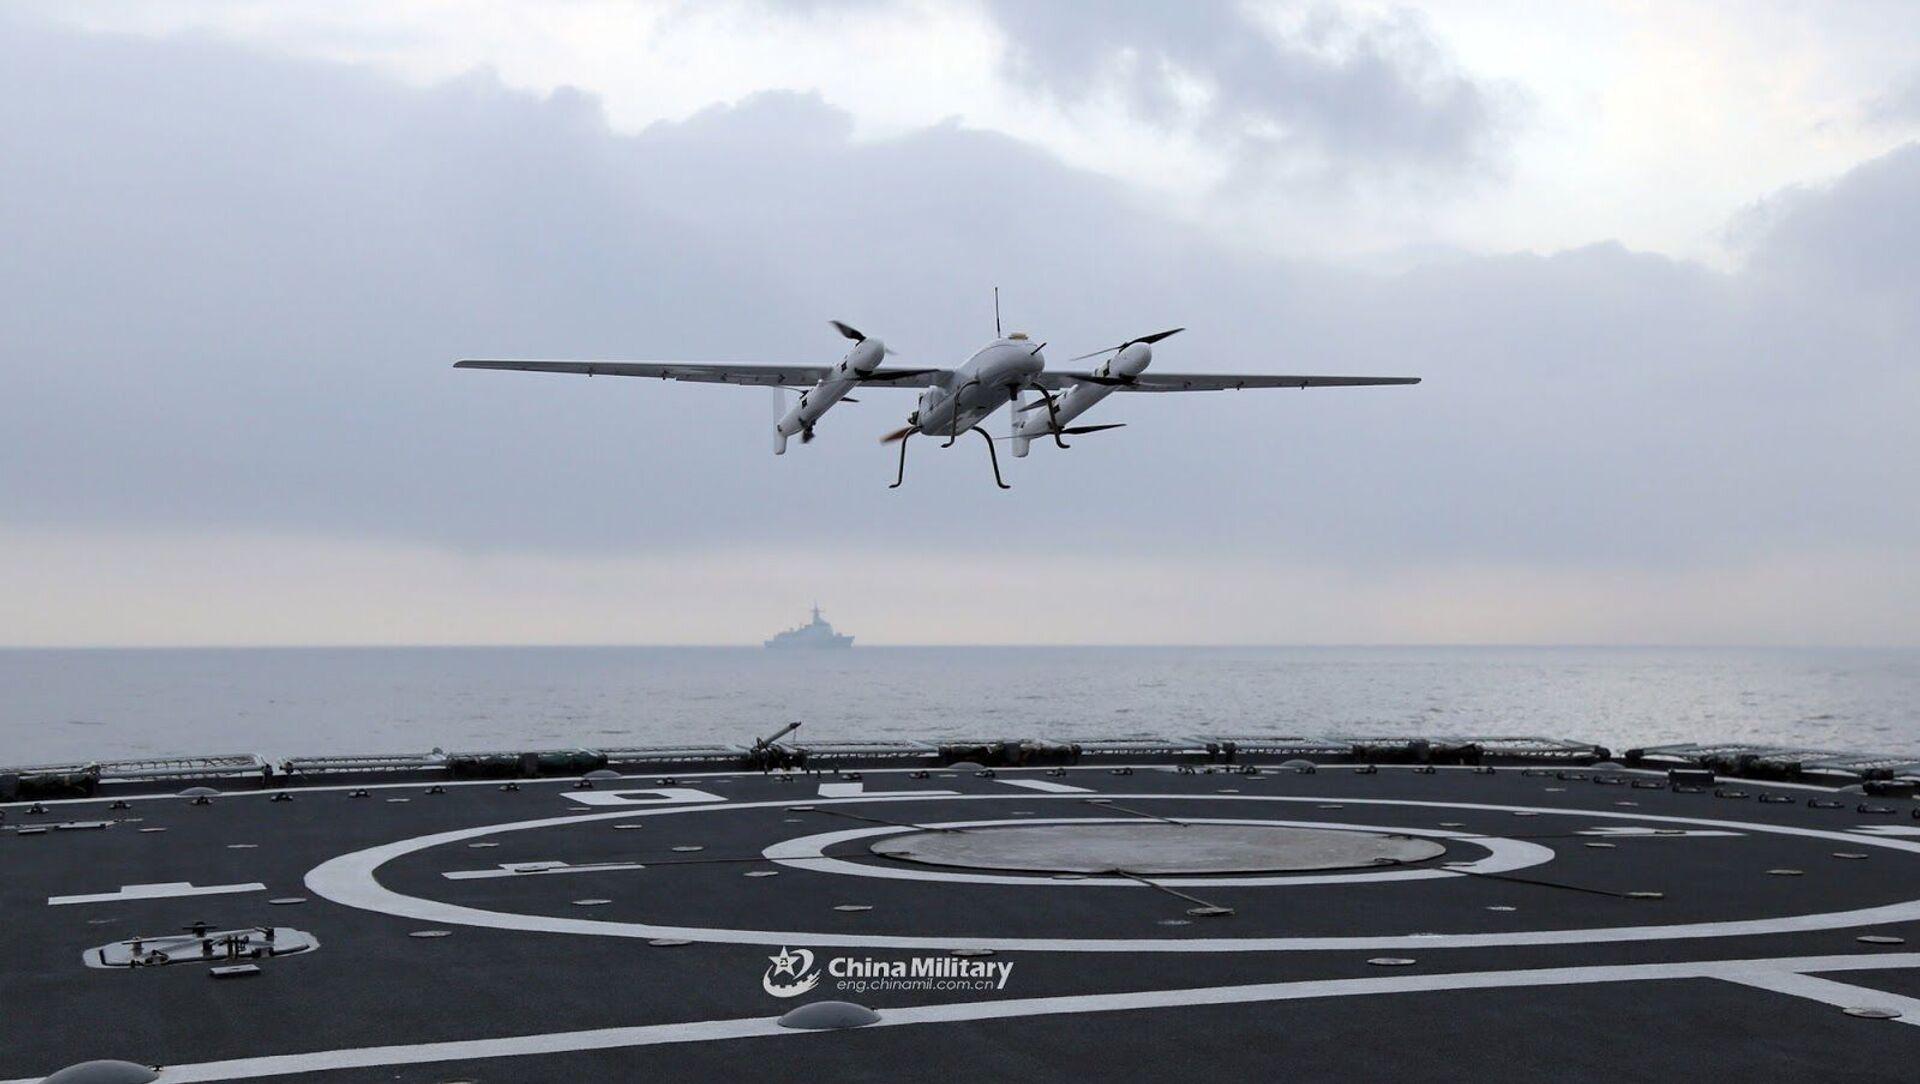 新型UAVは中国「海兵隊」に優位性をあたえるか? - Sputnik 日本, 1920, 24.05.2021